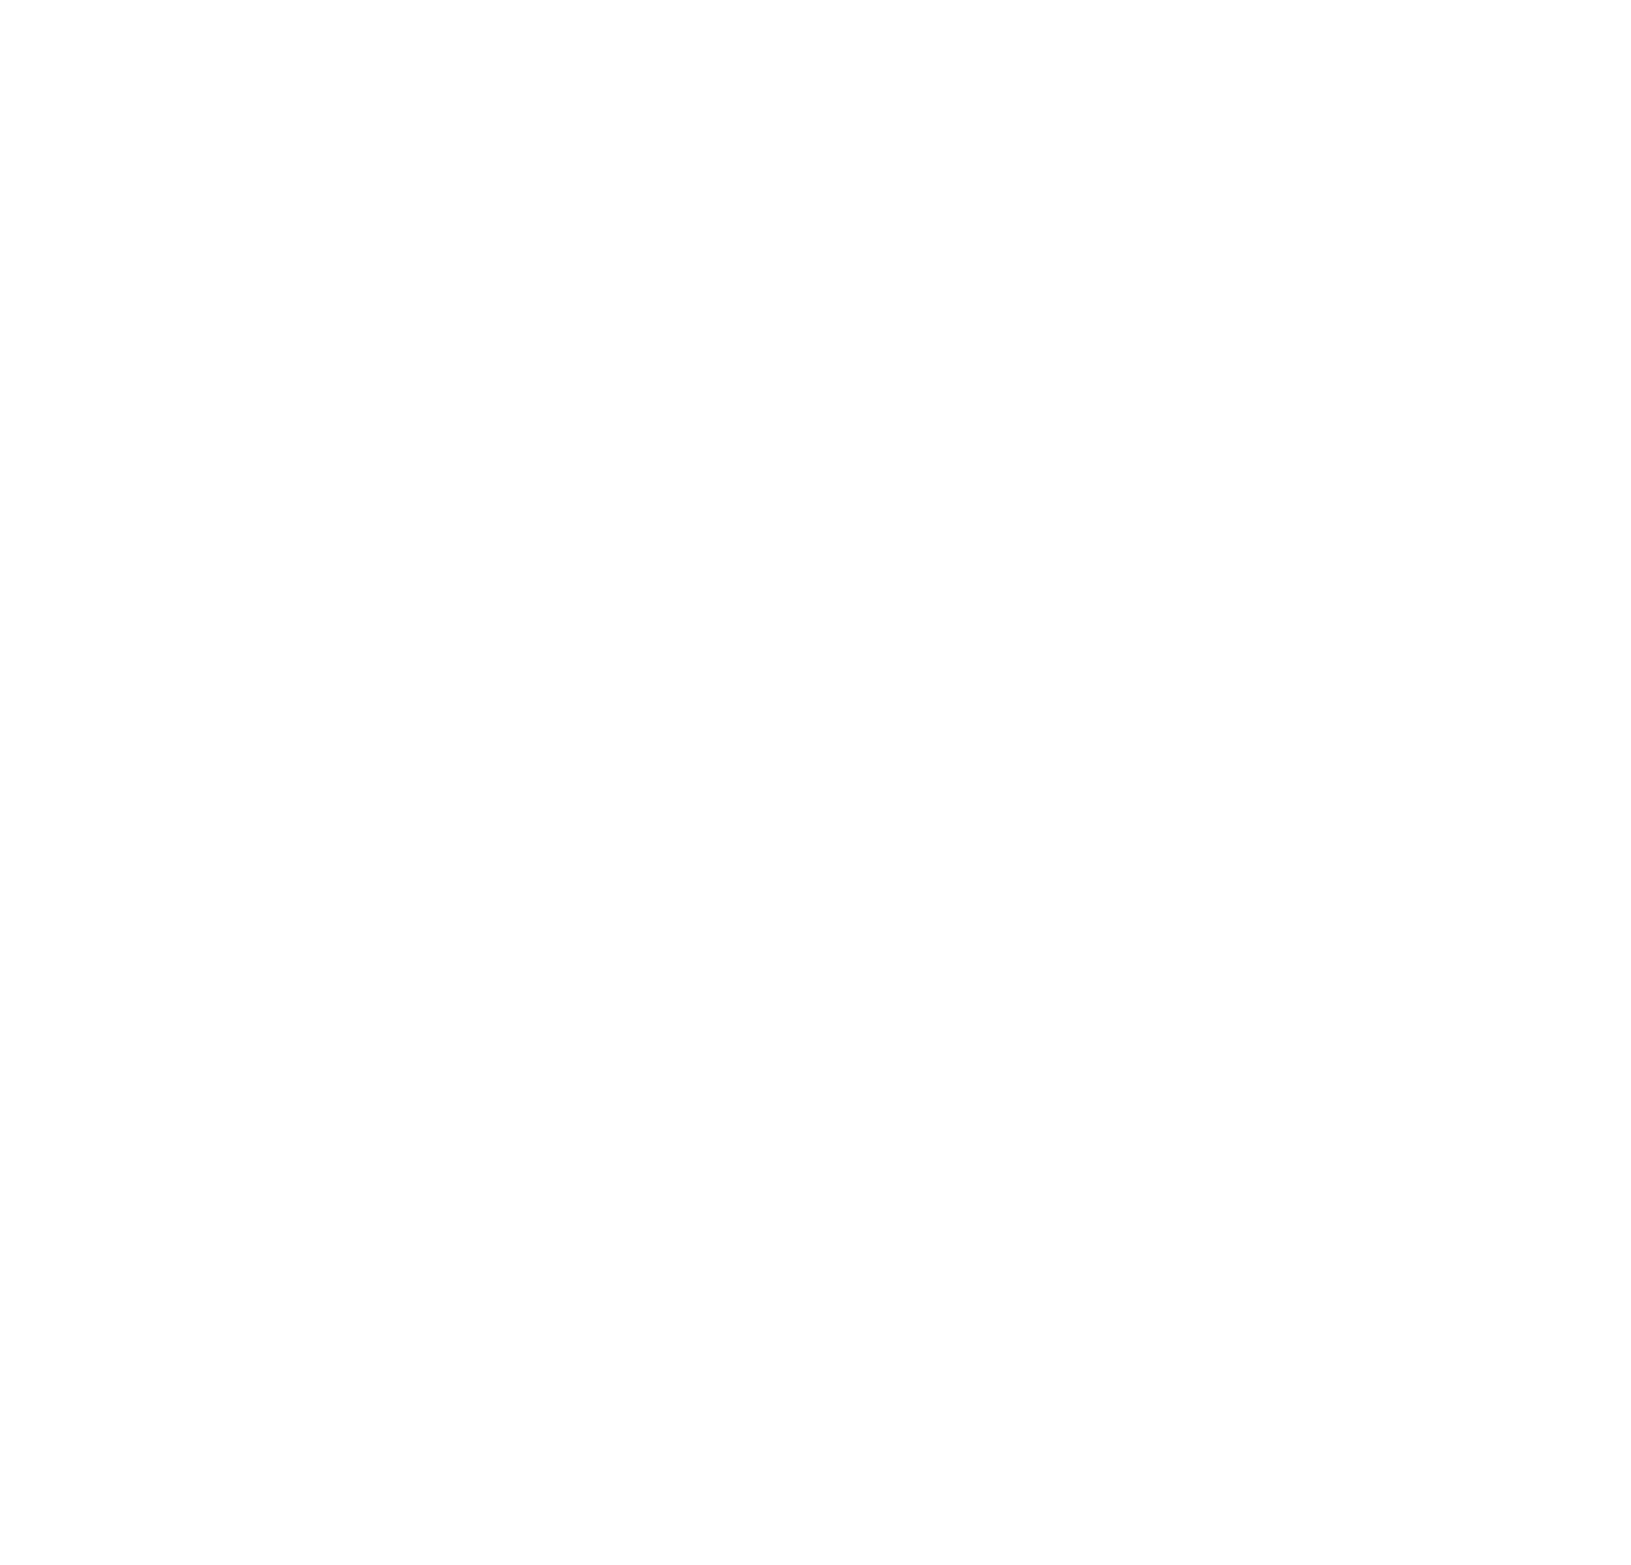 Restaurant Waldheim Heslach seit 1908 Logo weiß